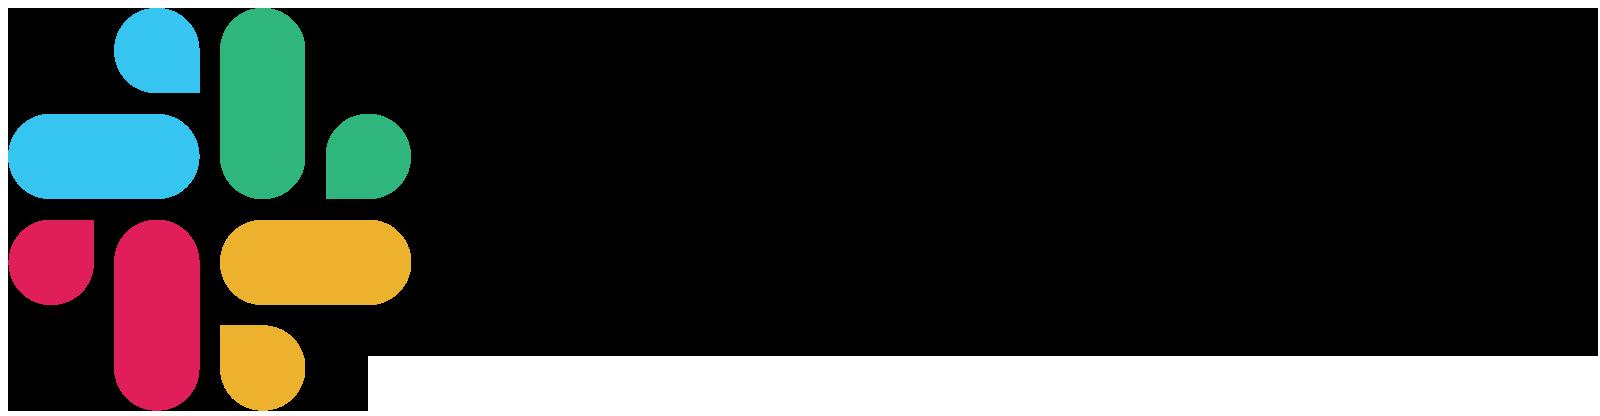 Image result for slack logo